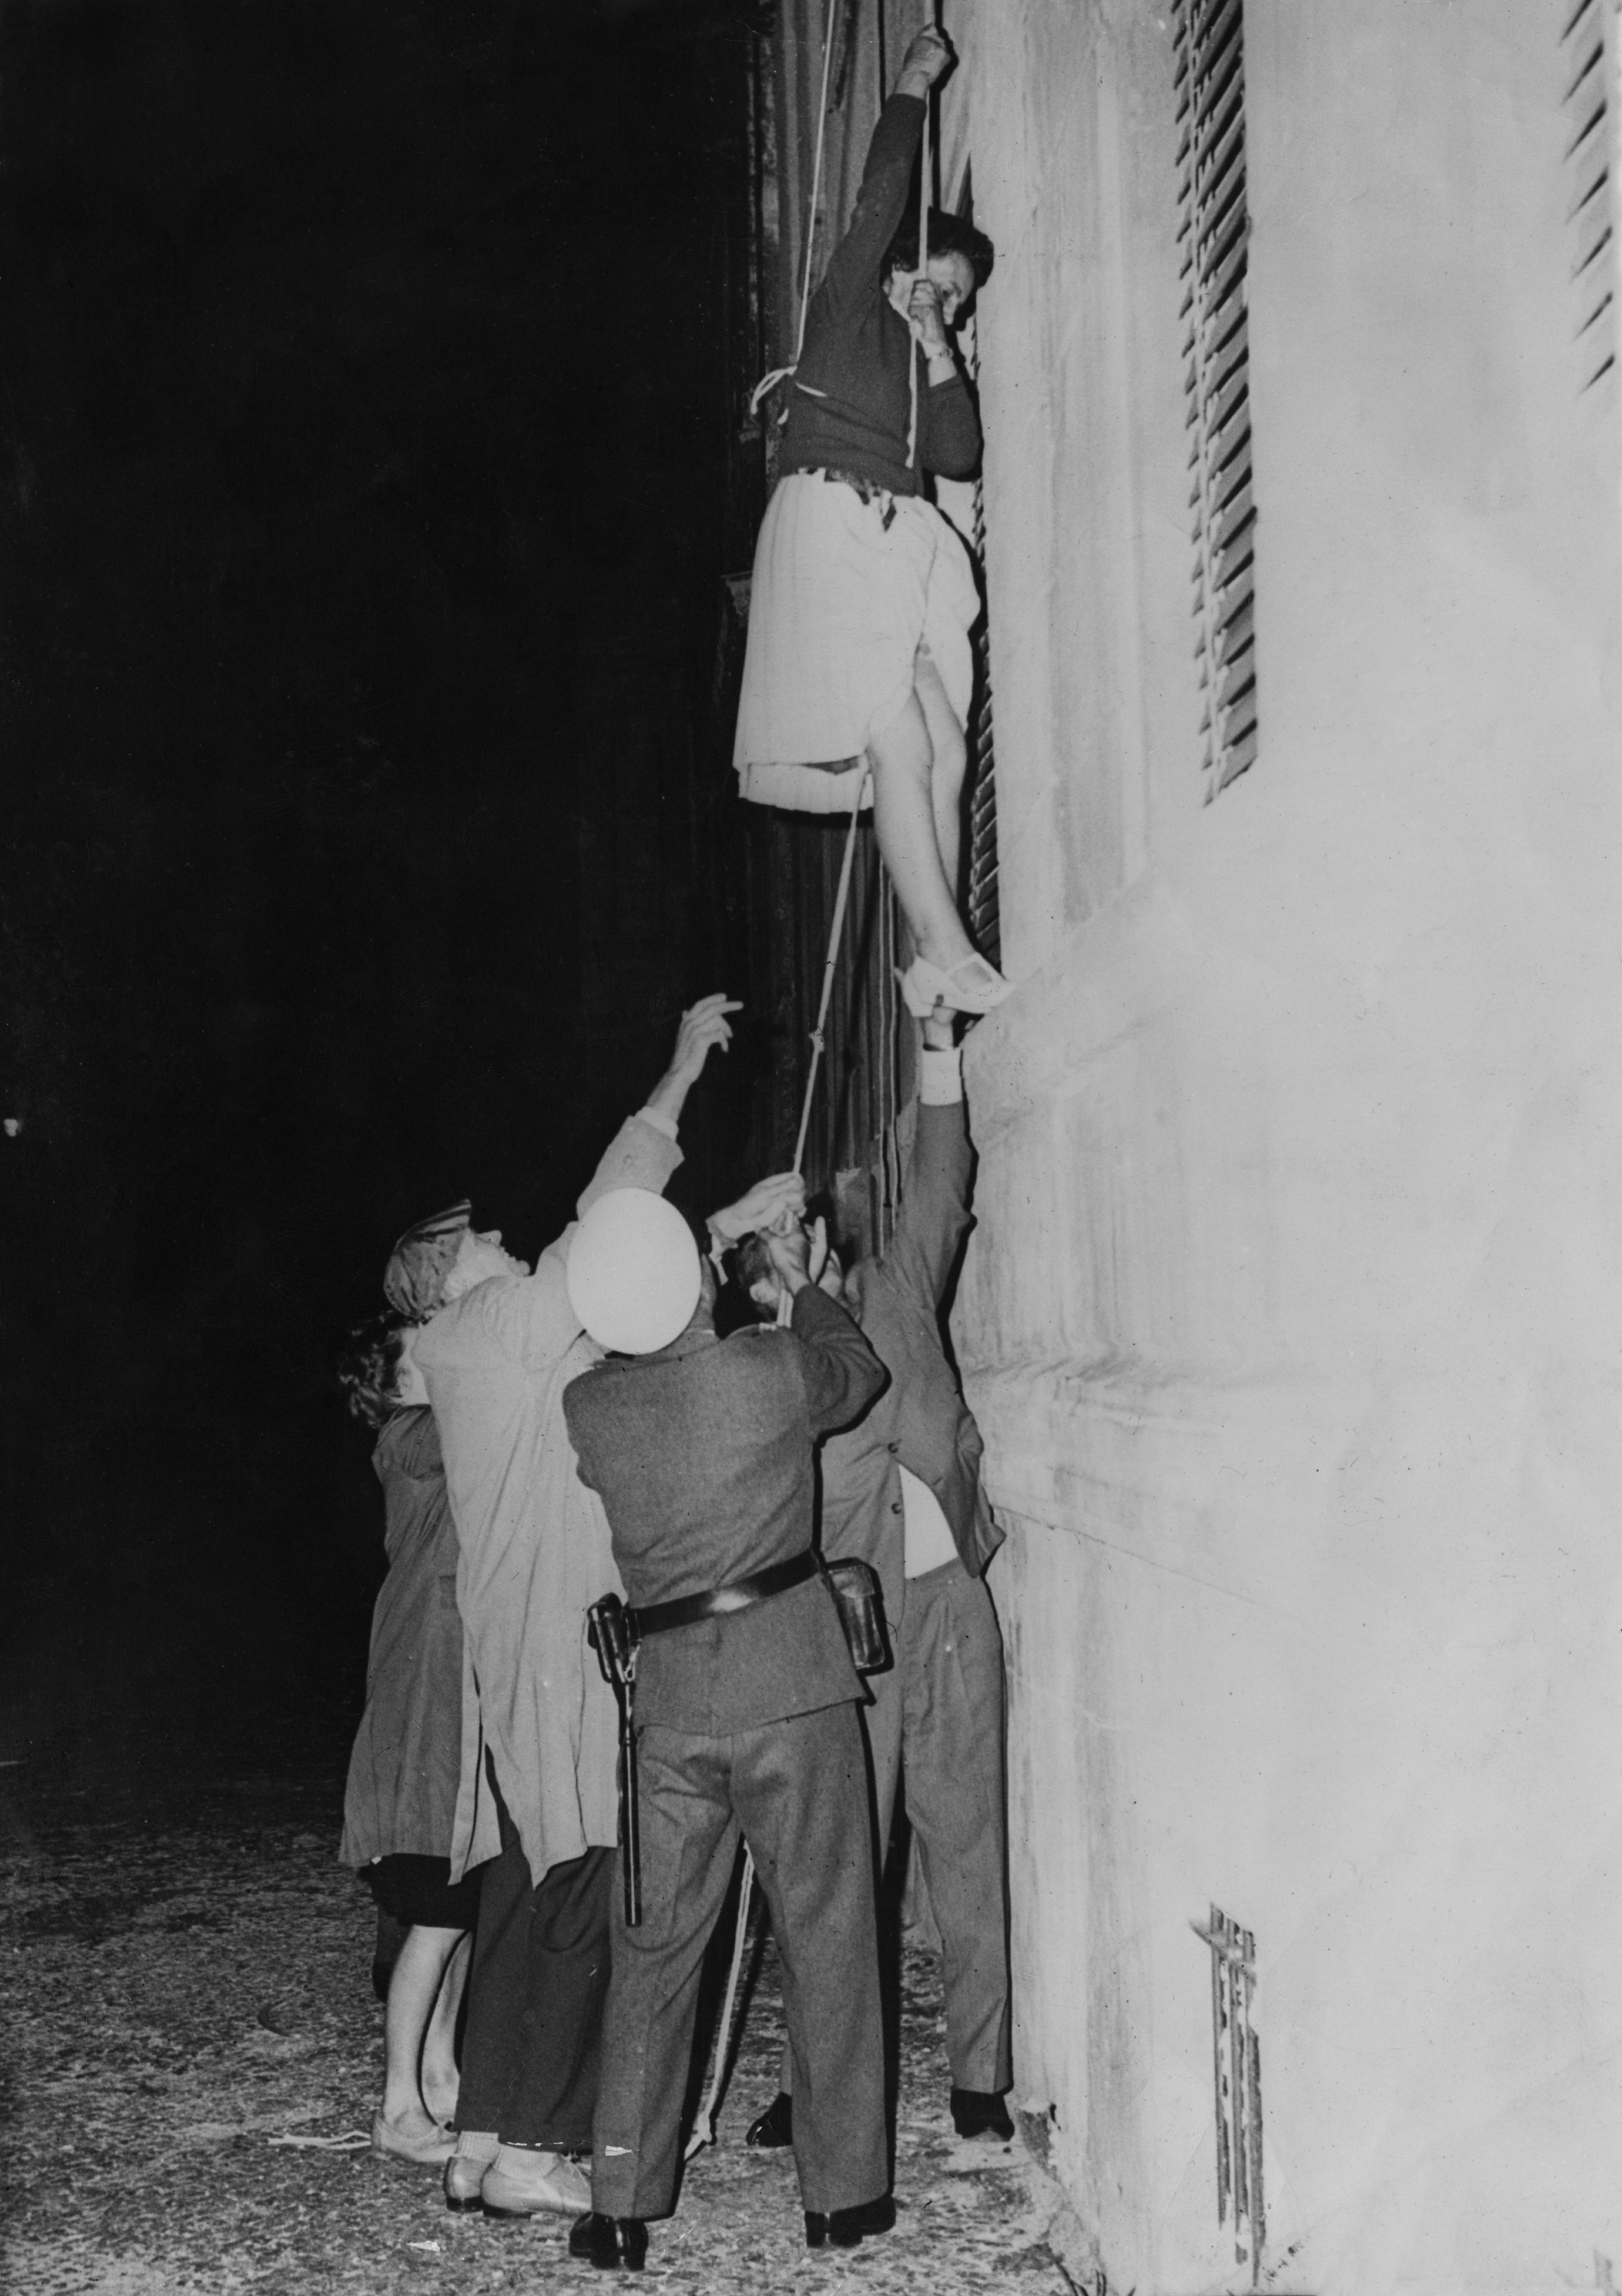 <p><strong>10 септември 1961 г.</strong></p>  <p>Жена е спусната с въже от прозорец на сграда в Източен Берлин, за да избяга в западния сектор, който се намира долу на улицата.&nbsp;</p>